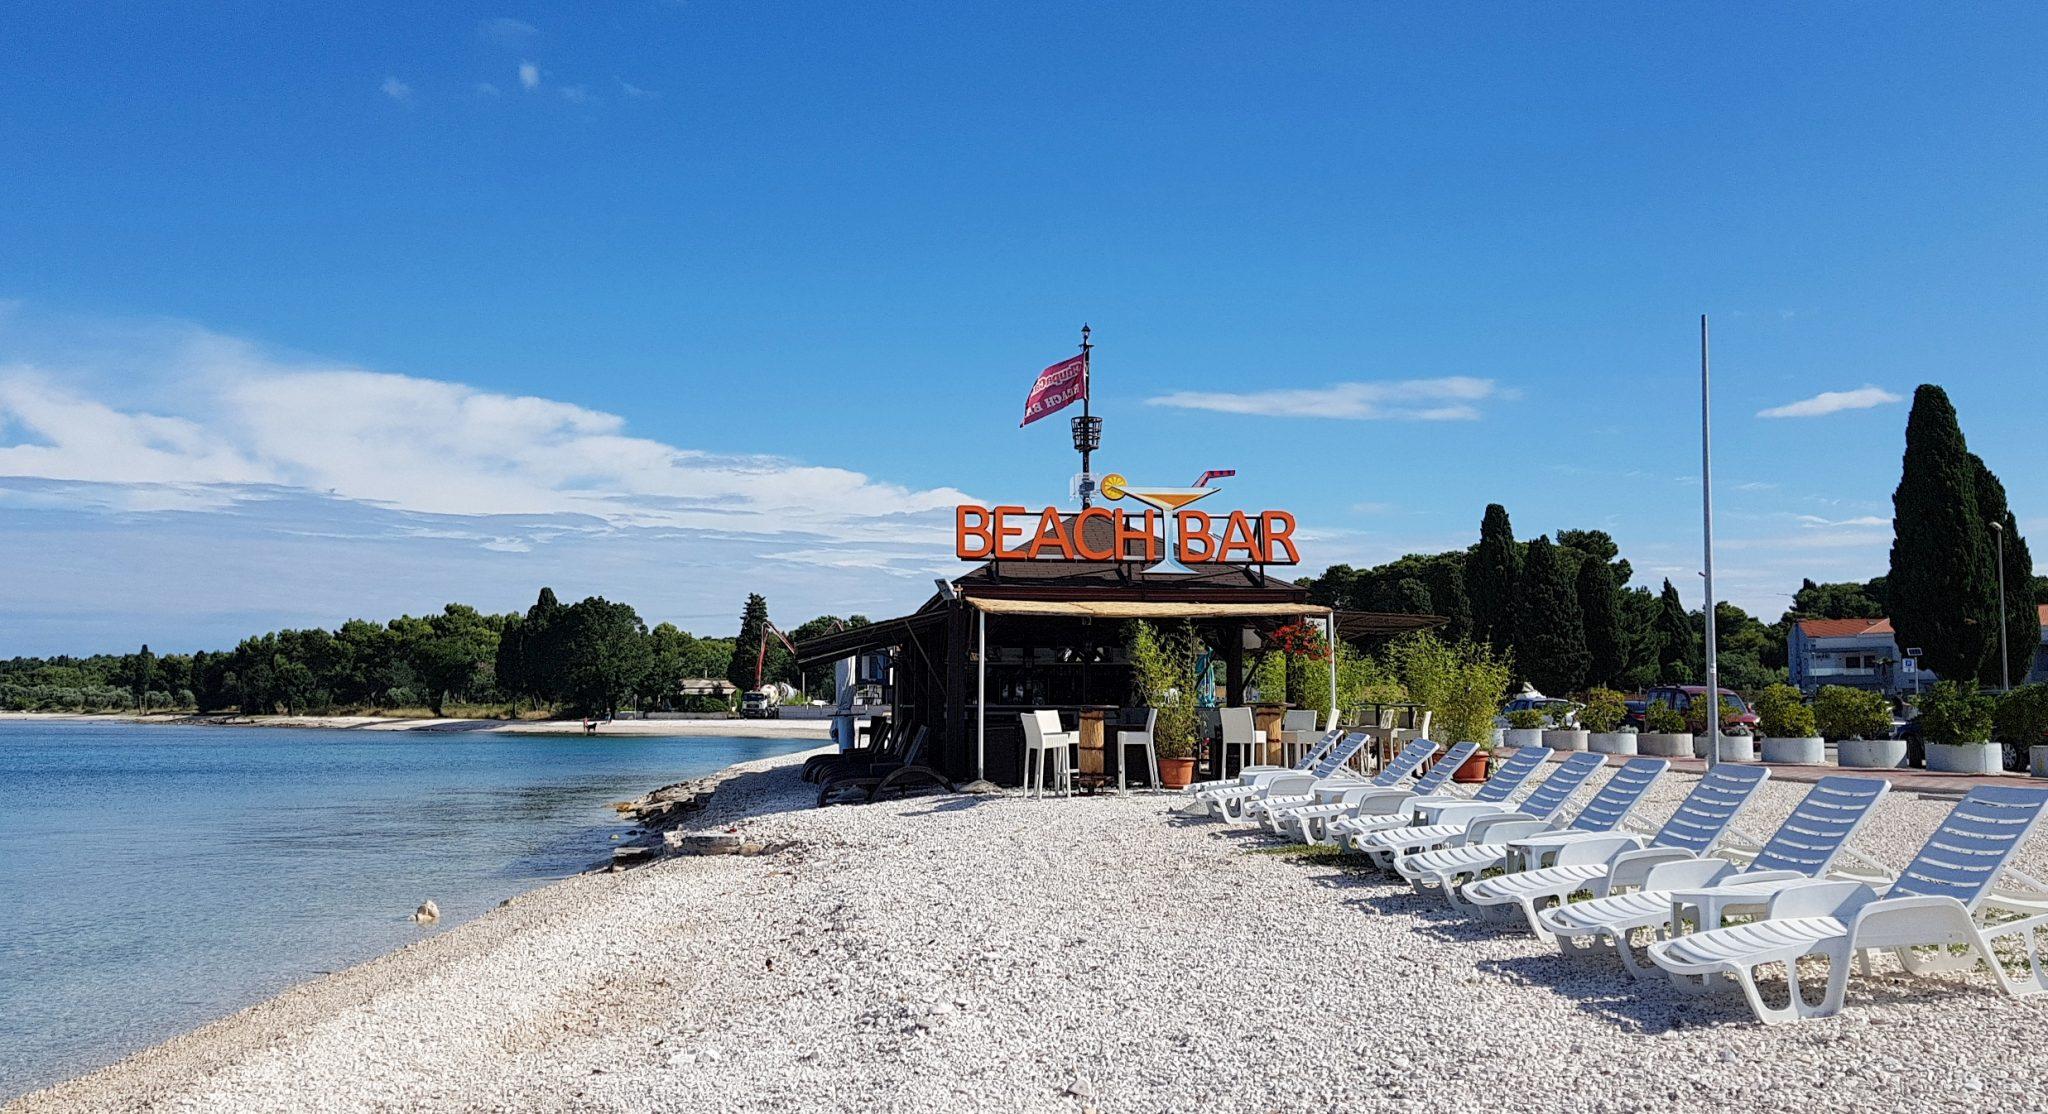 BEACH BAR CHUPACABRA